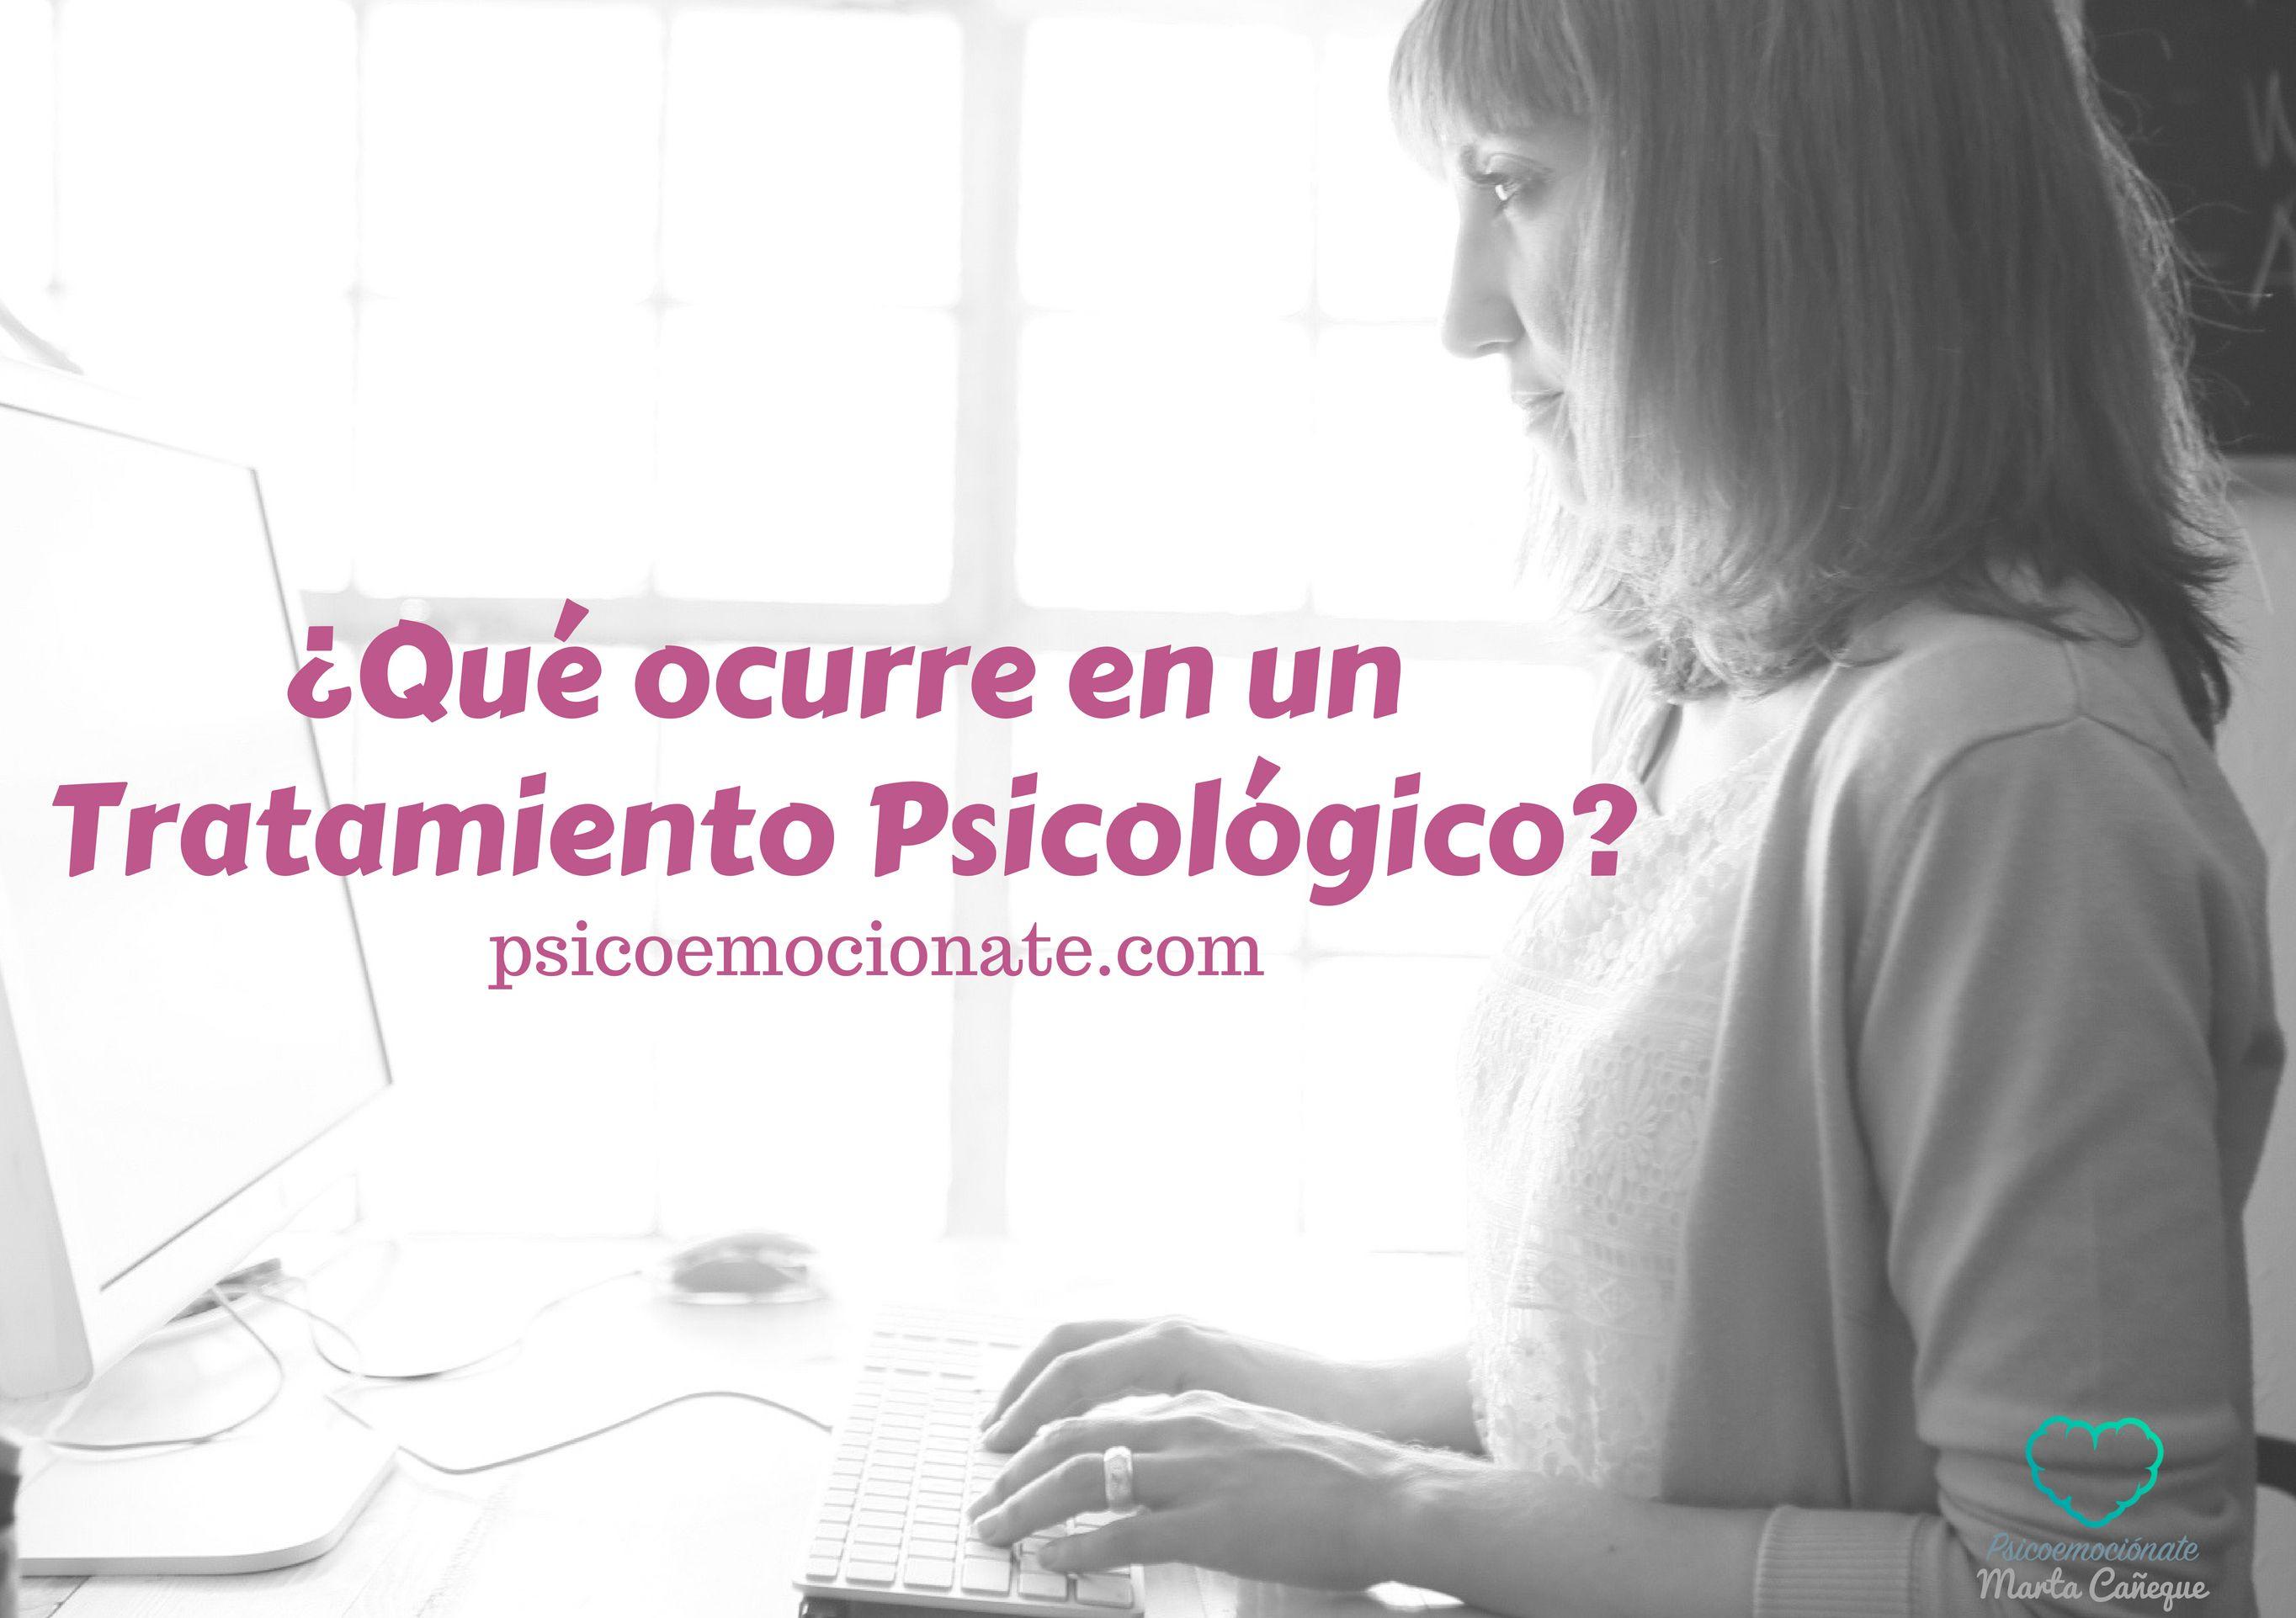 Tratamiento psicológico psicoemociónate